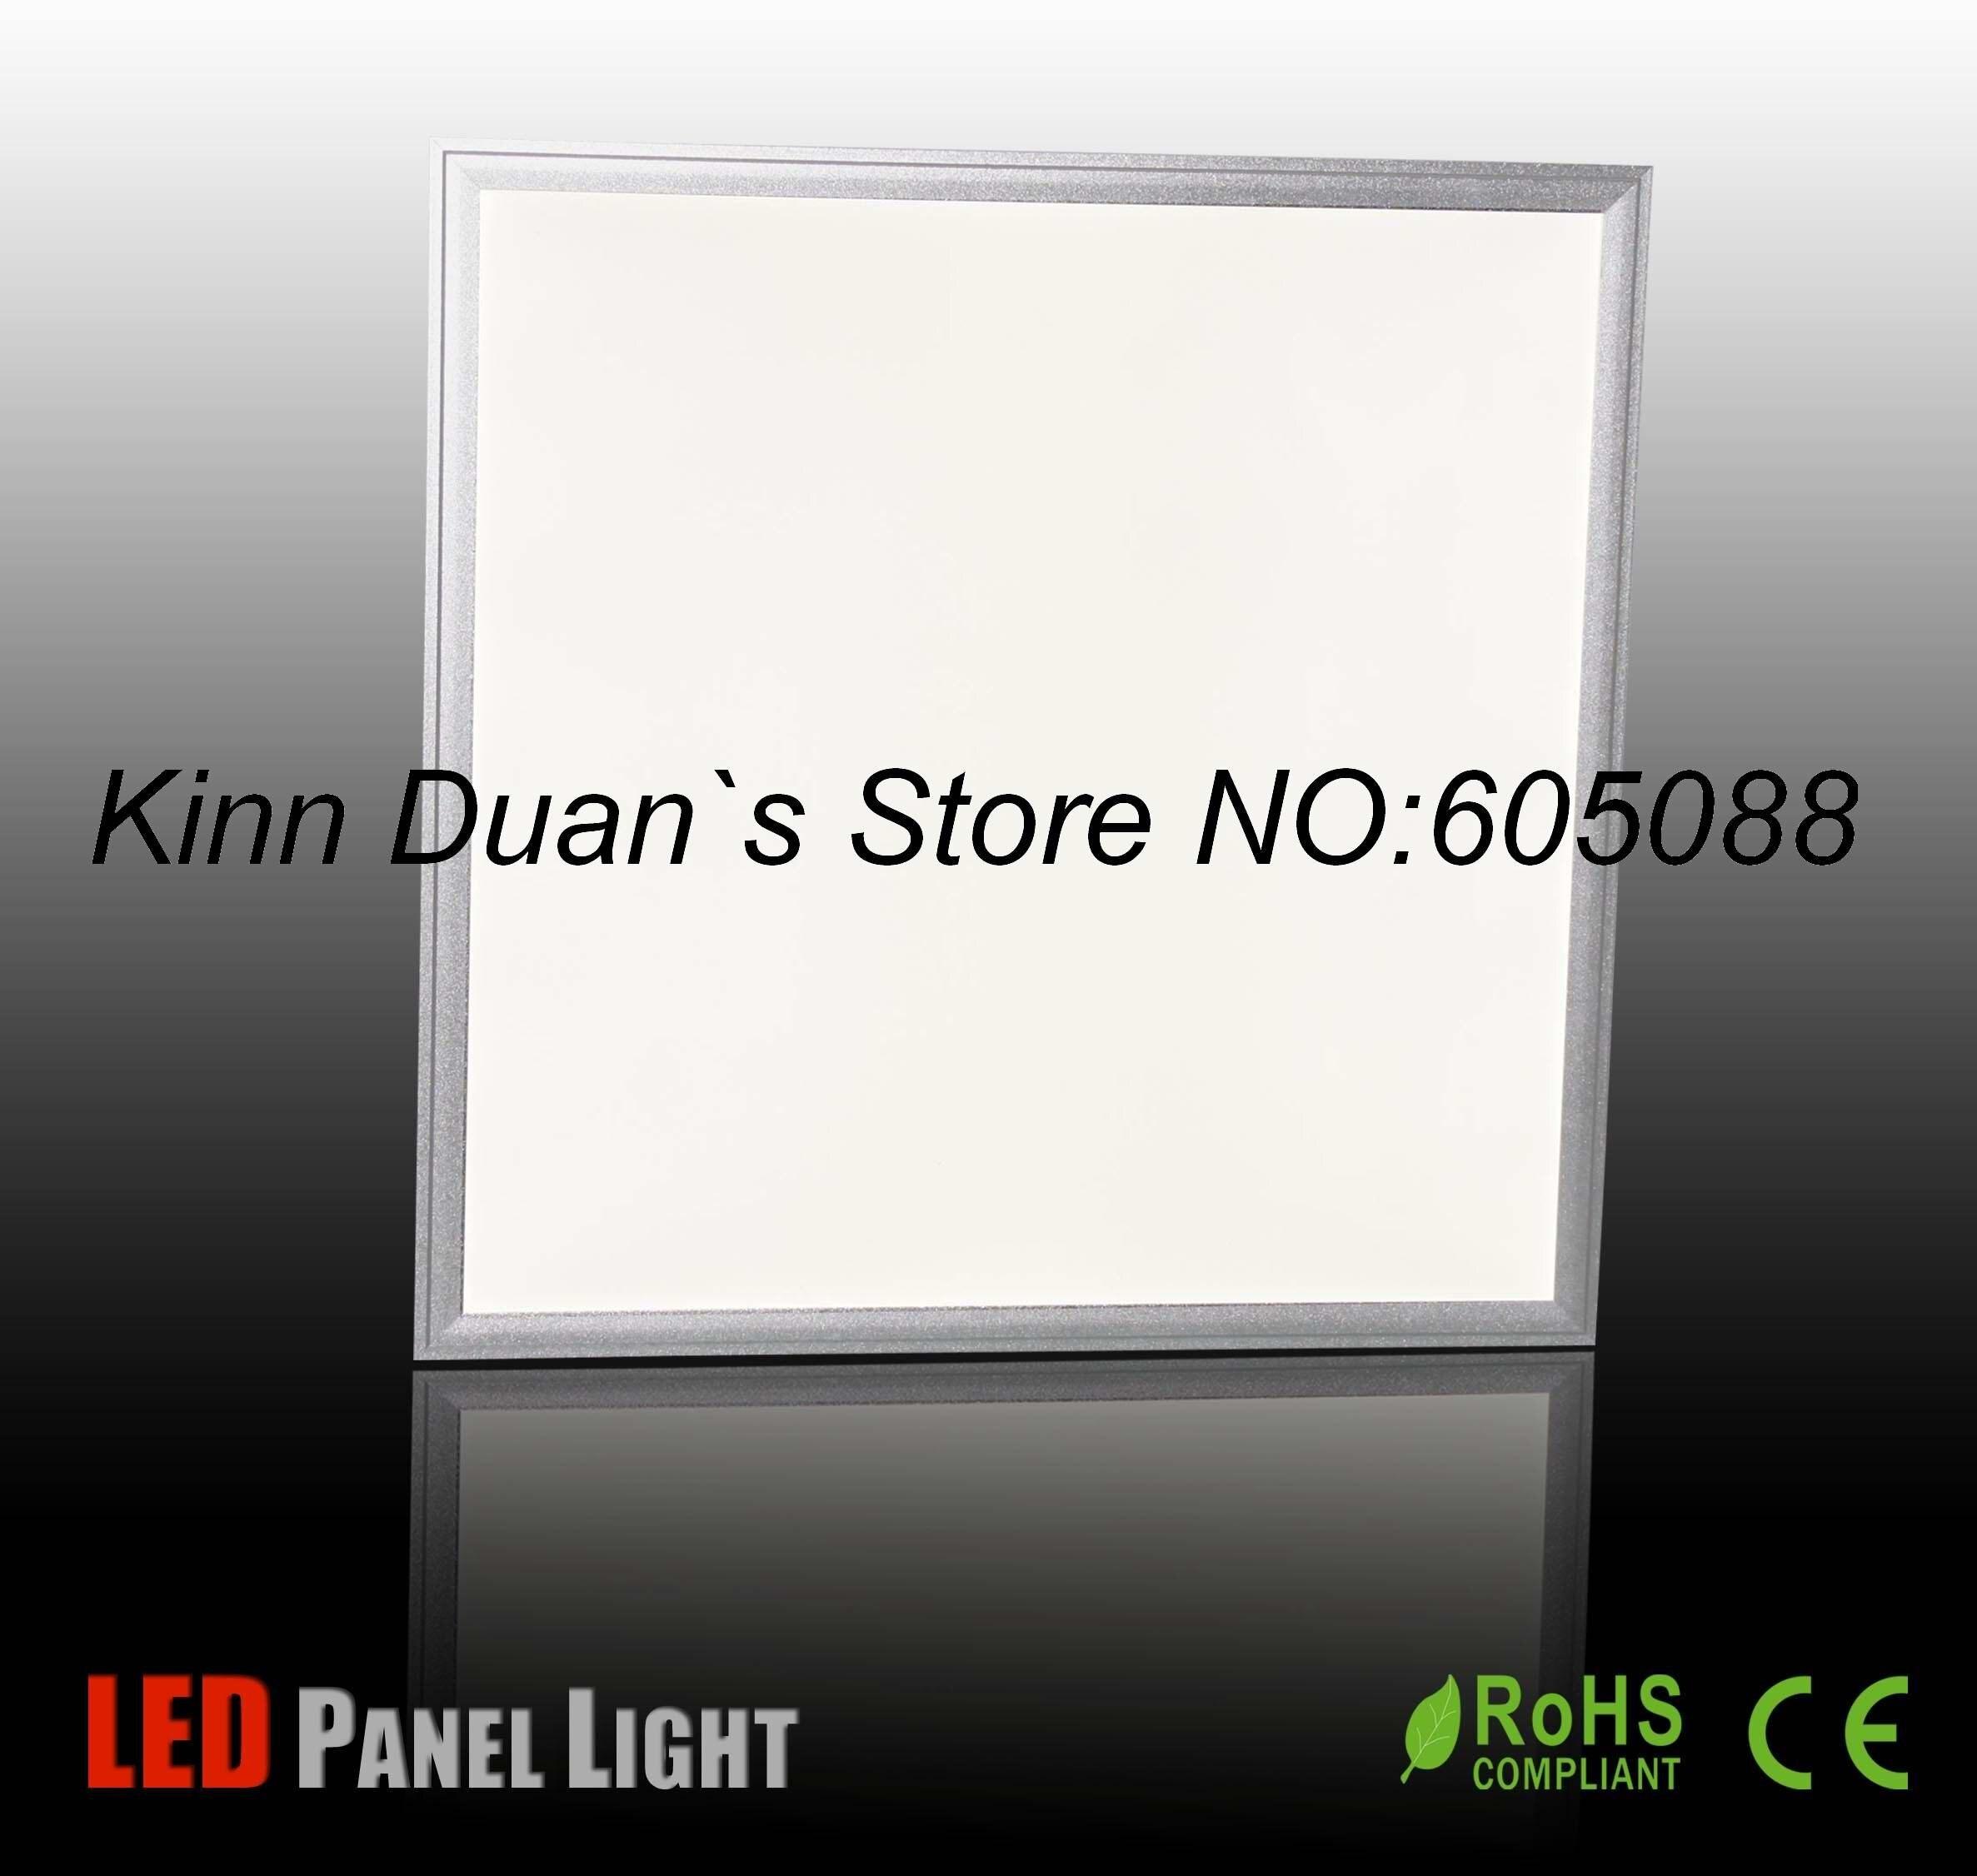 Le lampe à led commercial intégré par plafond de 39 w AC100-240v a mené l'éclairage de panneau 600x600mm 2500lm CE et ROHS 2 pcs/lot en gros et au détail